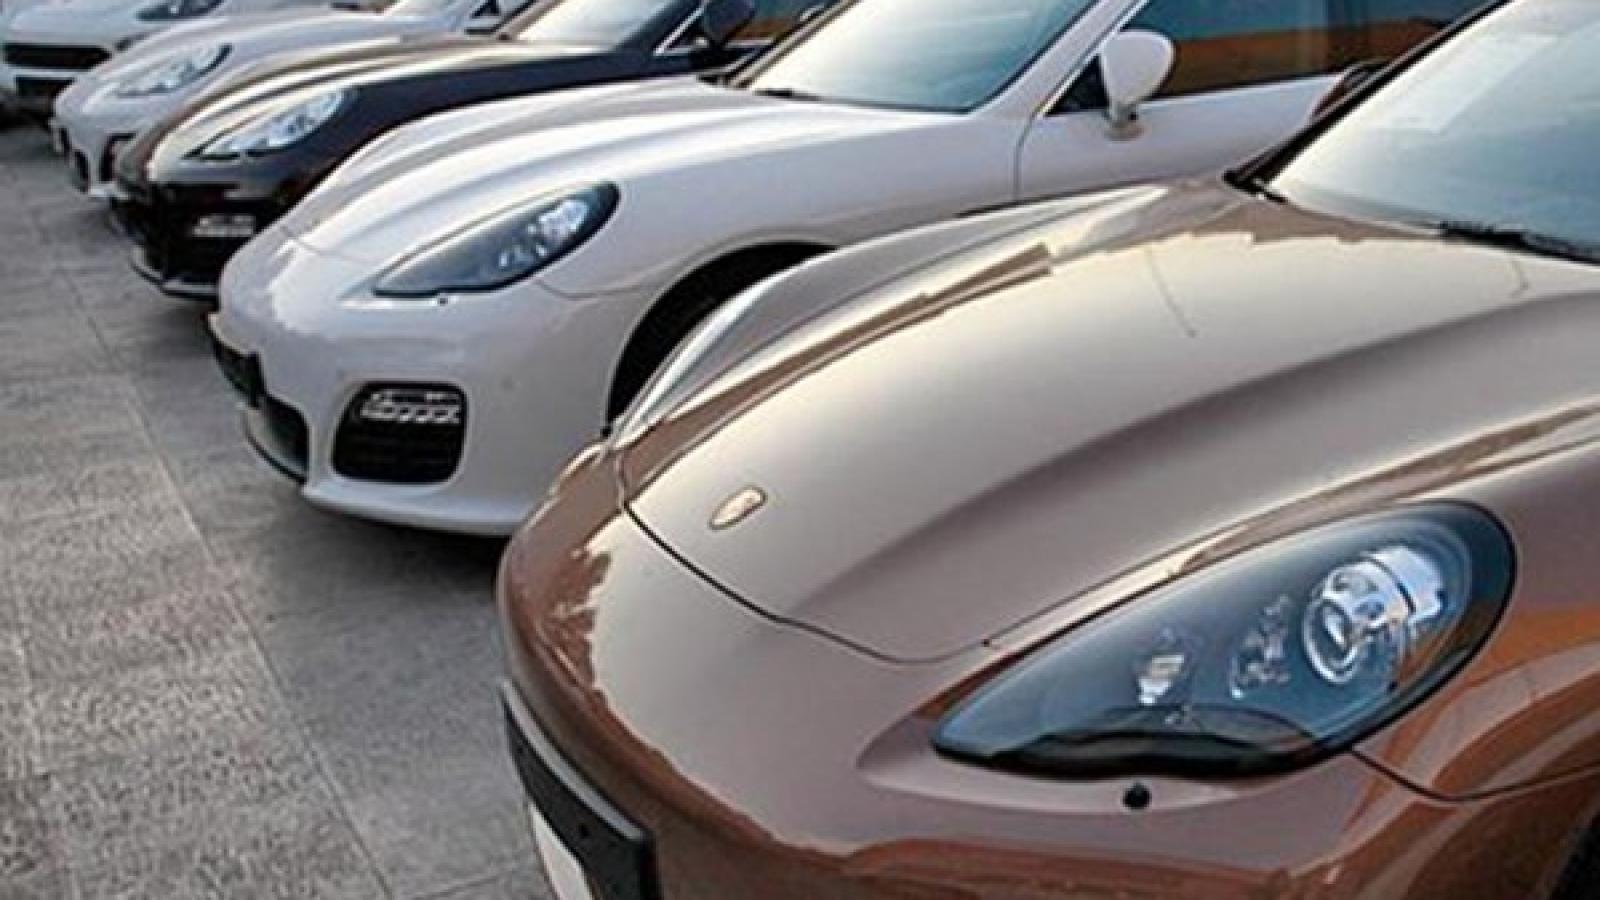 خودروهای مدل 2017 وارد ایران شد - اجاره خودرو طباطبایی